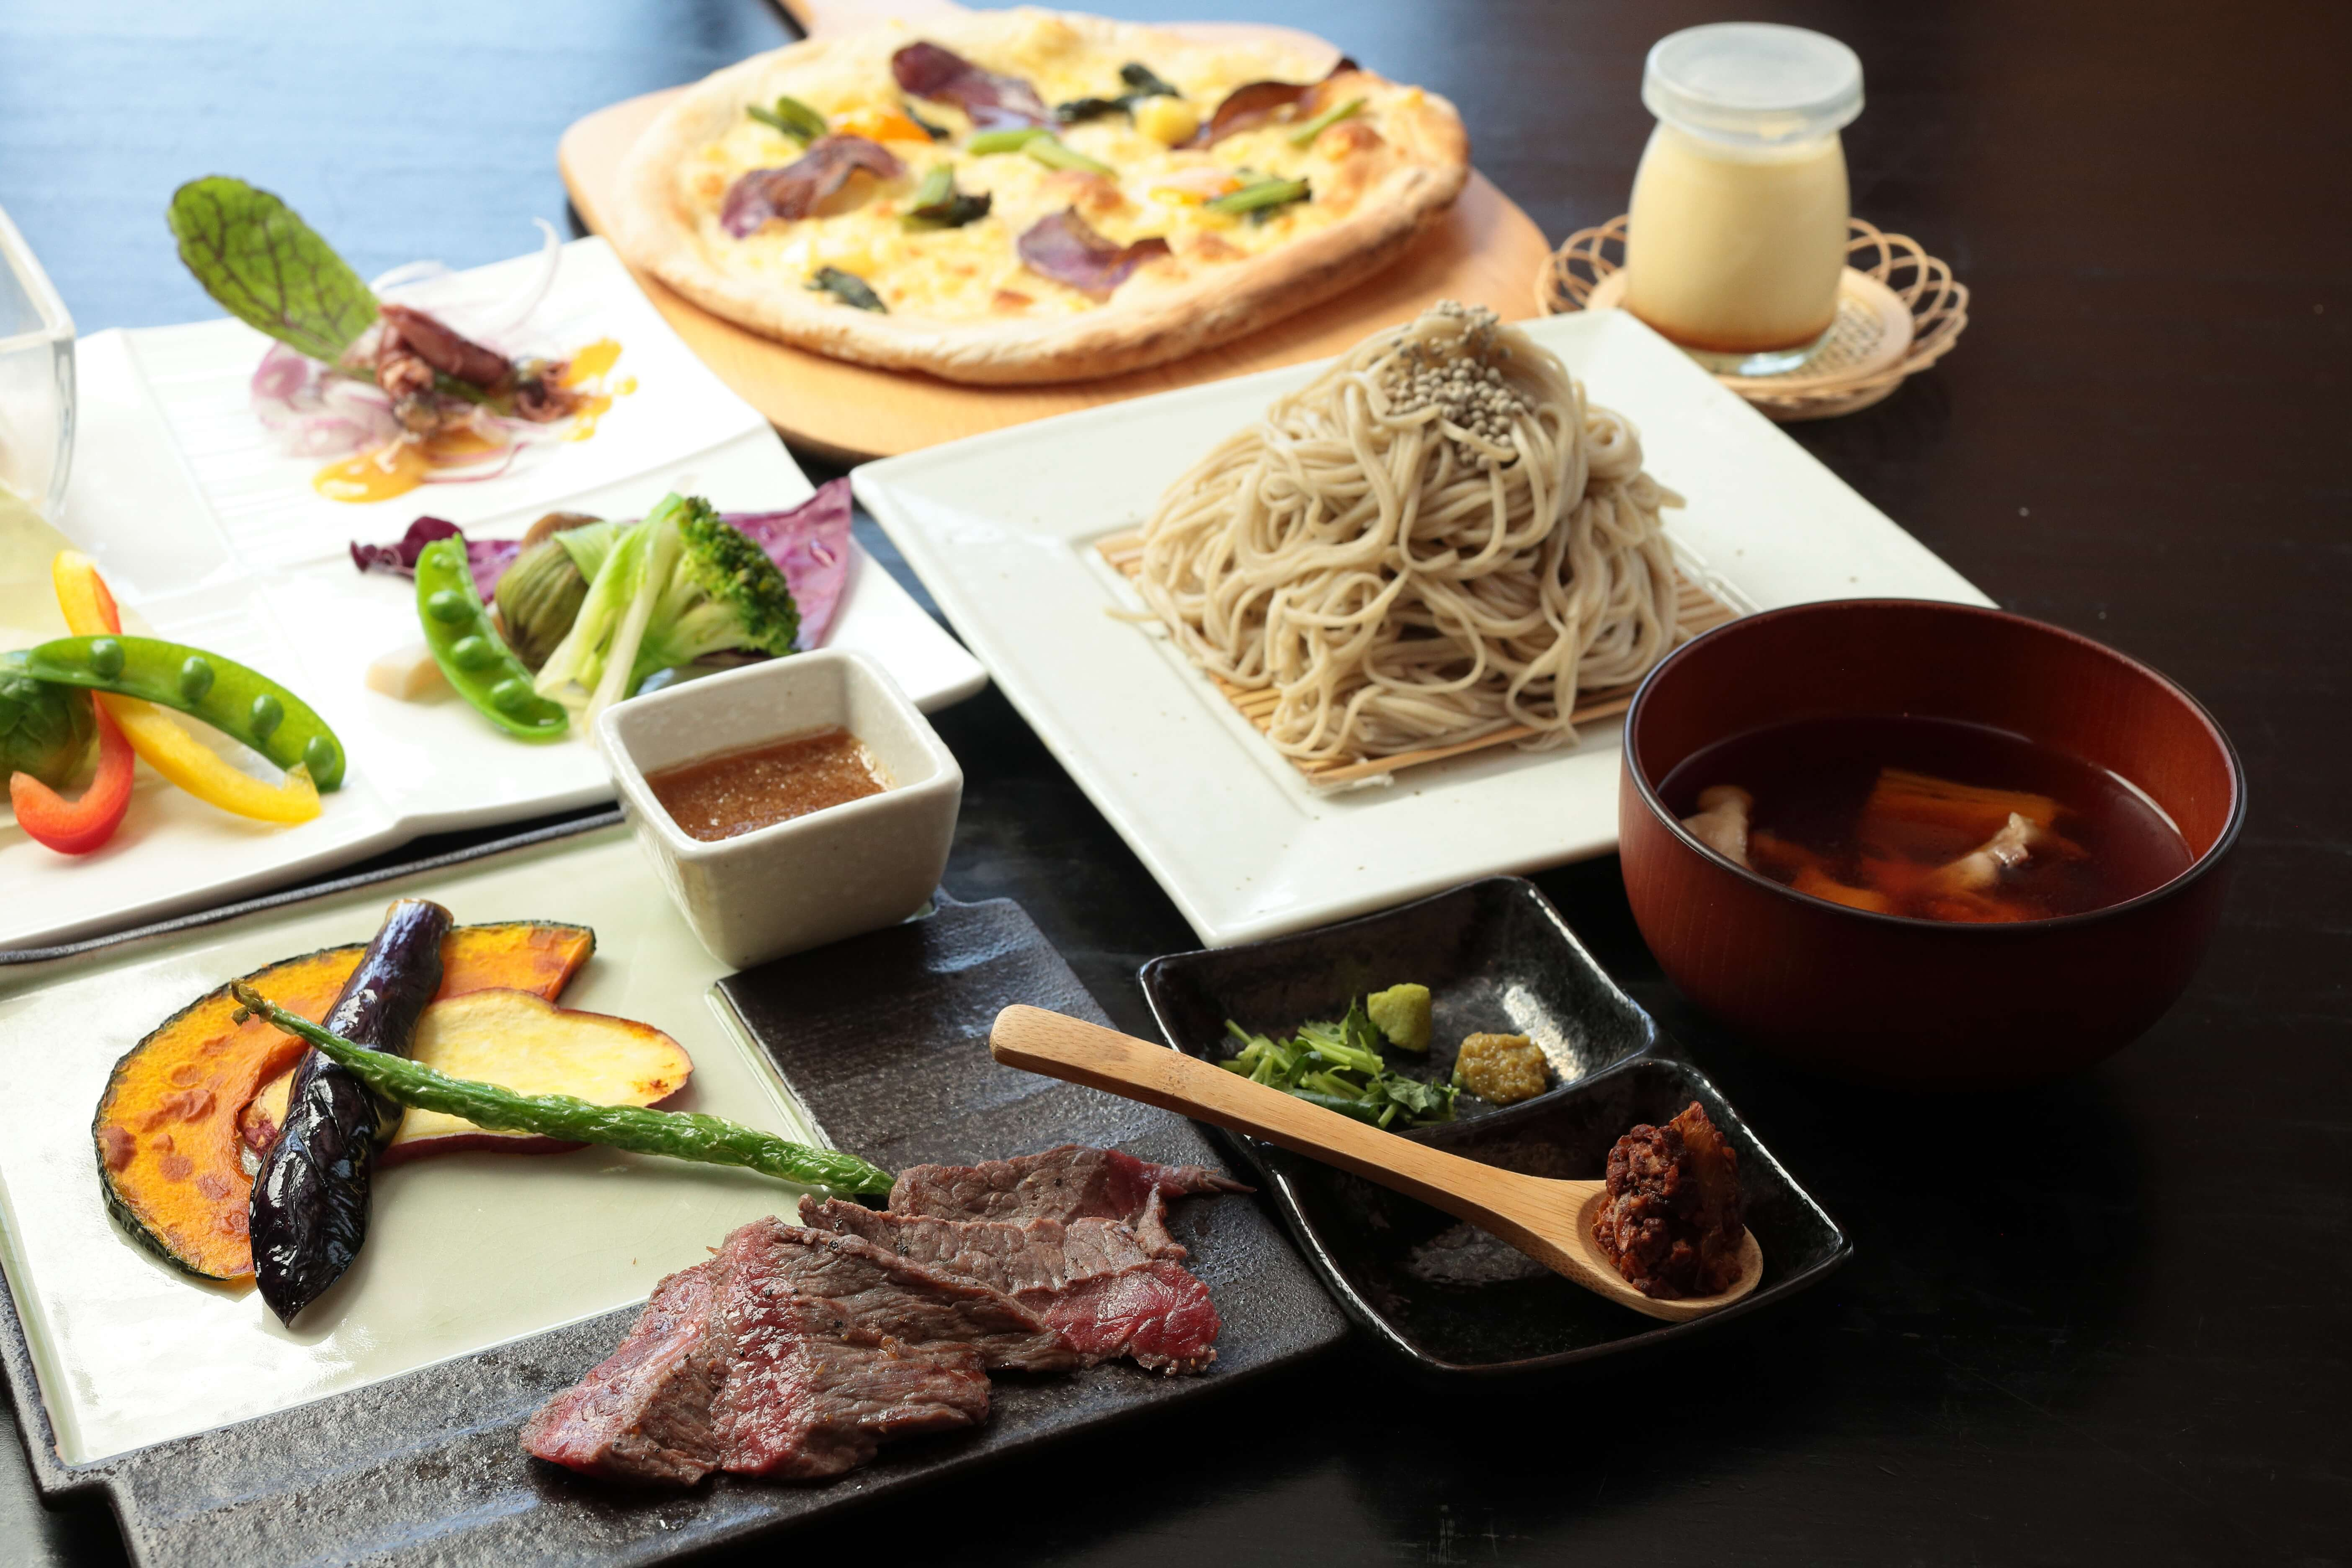 菱野温泉薬師館の夕食で出る信州和牛のステーキが美味しそうな「お蕎麦コース」